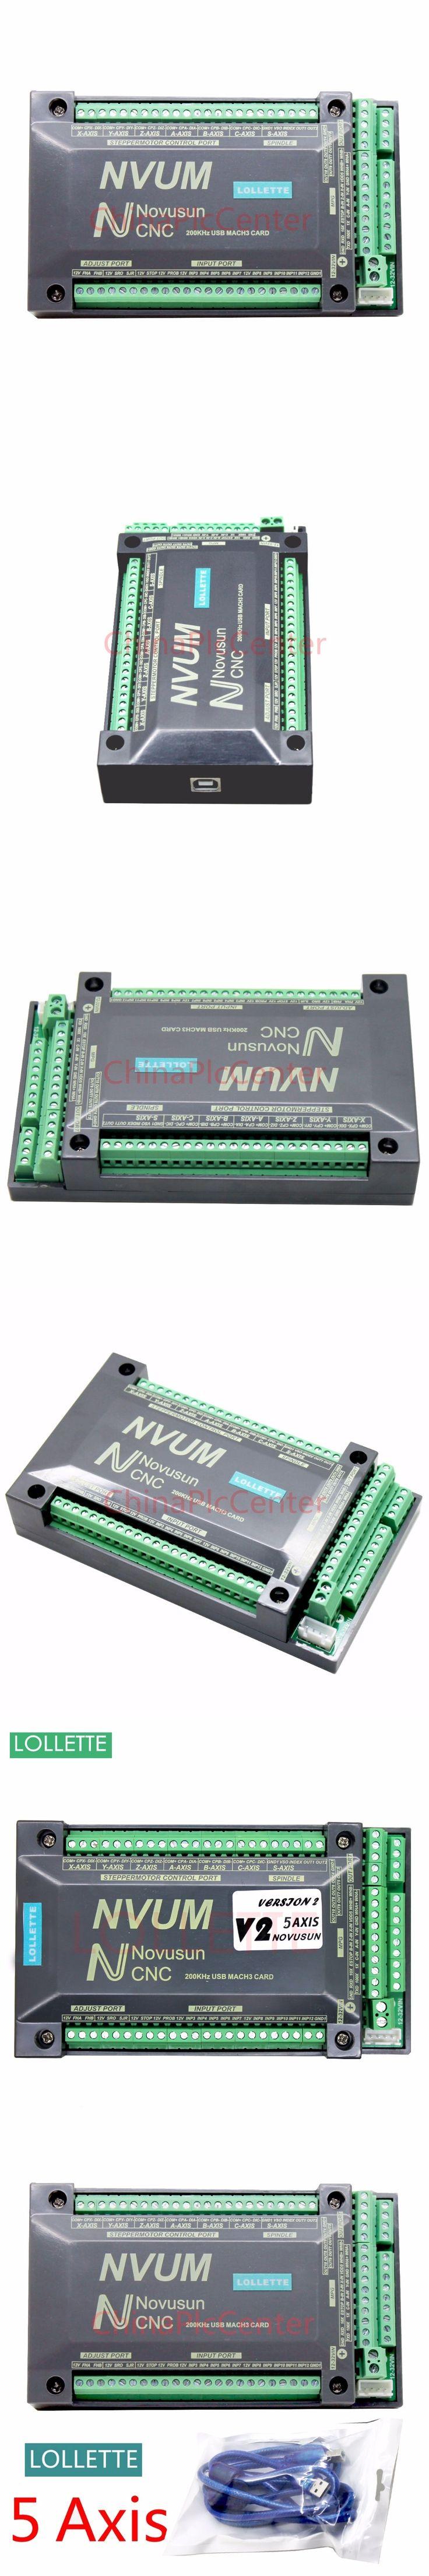 NVUM 5 Axis CNC Controller MACH3 USB Interface Board Card 200KHz for Stepper Motor